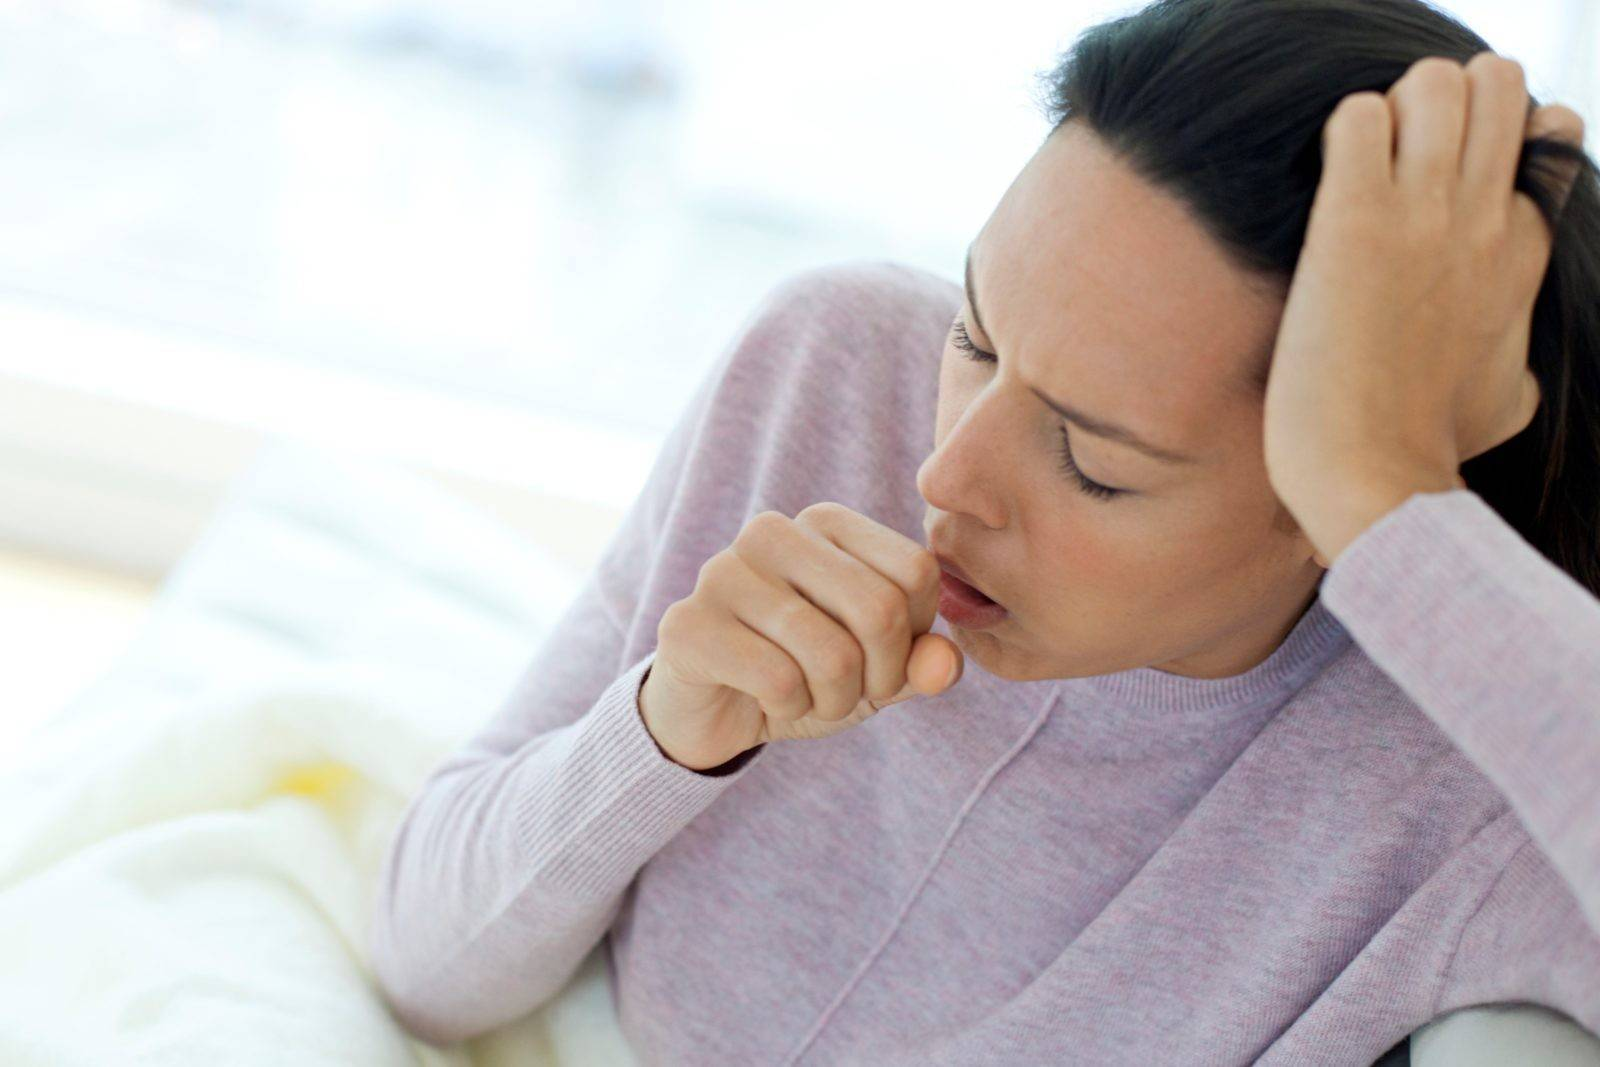 Сильный сухой кашель у взрослого причины и лечение